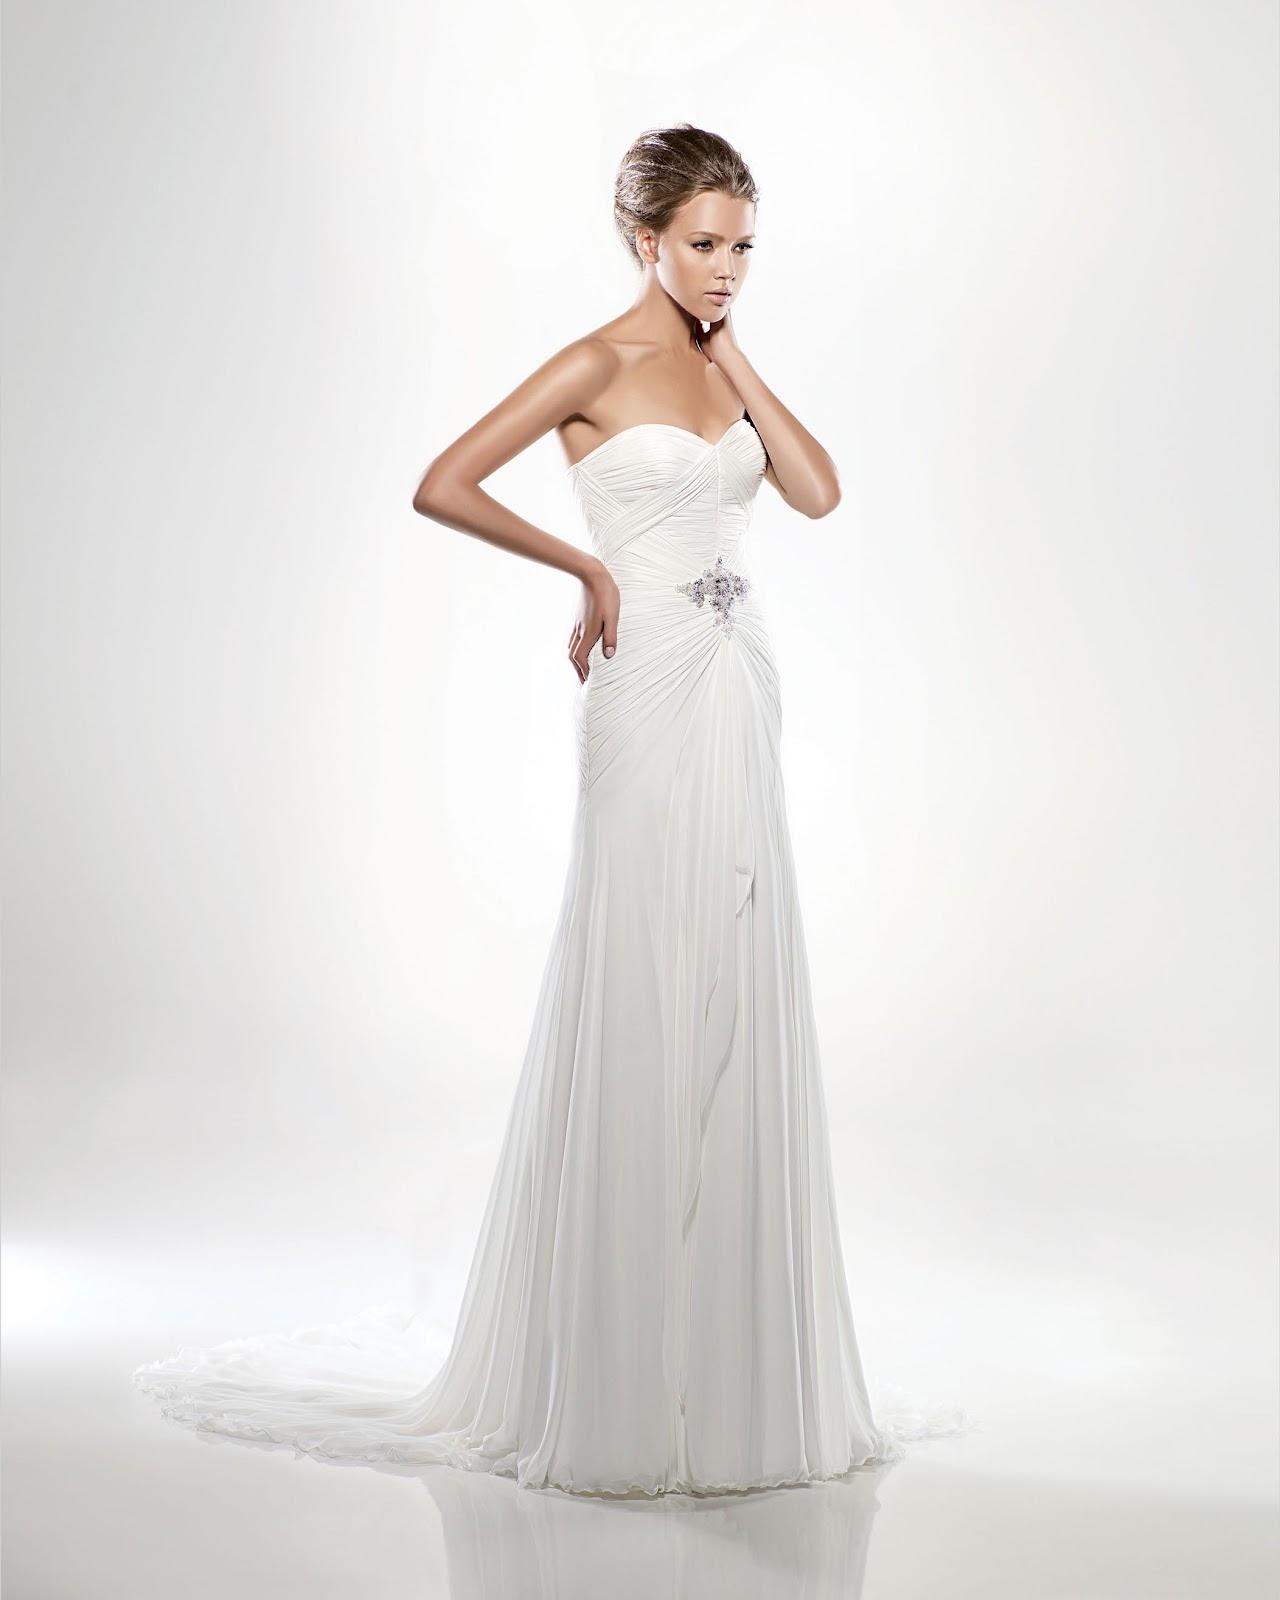 Lässige Strand Brautkleider - Beste Brautkleide